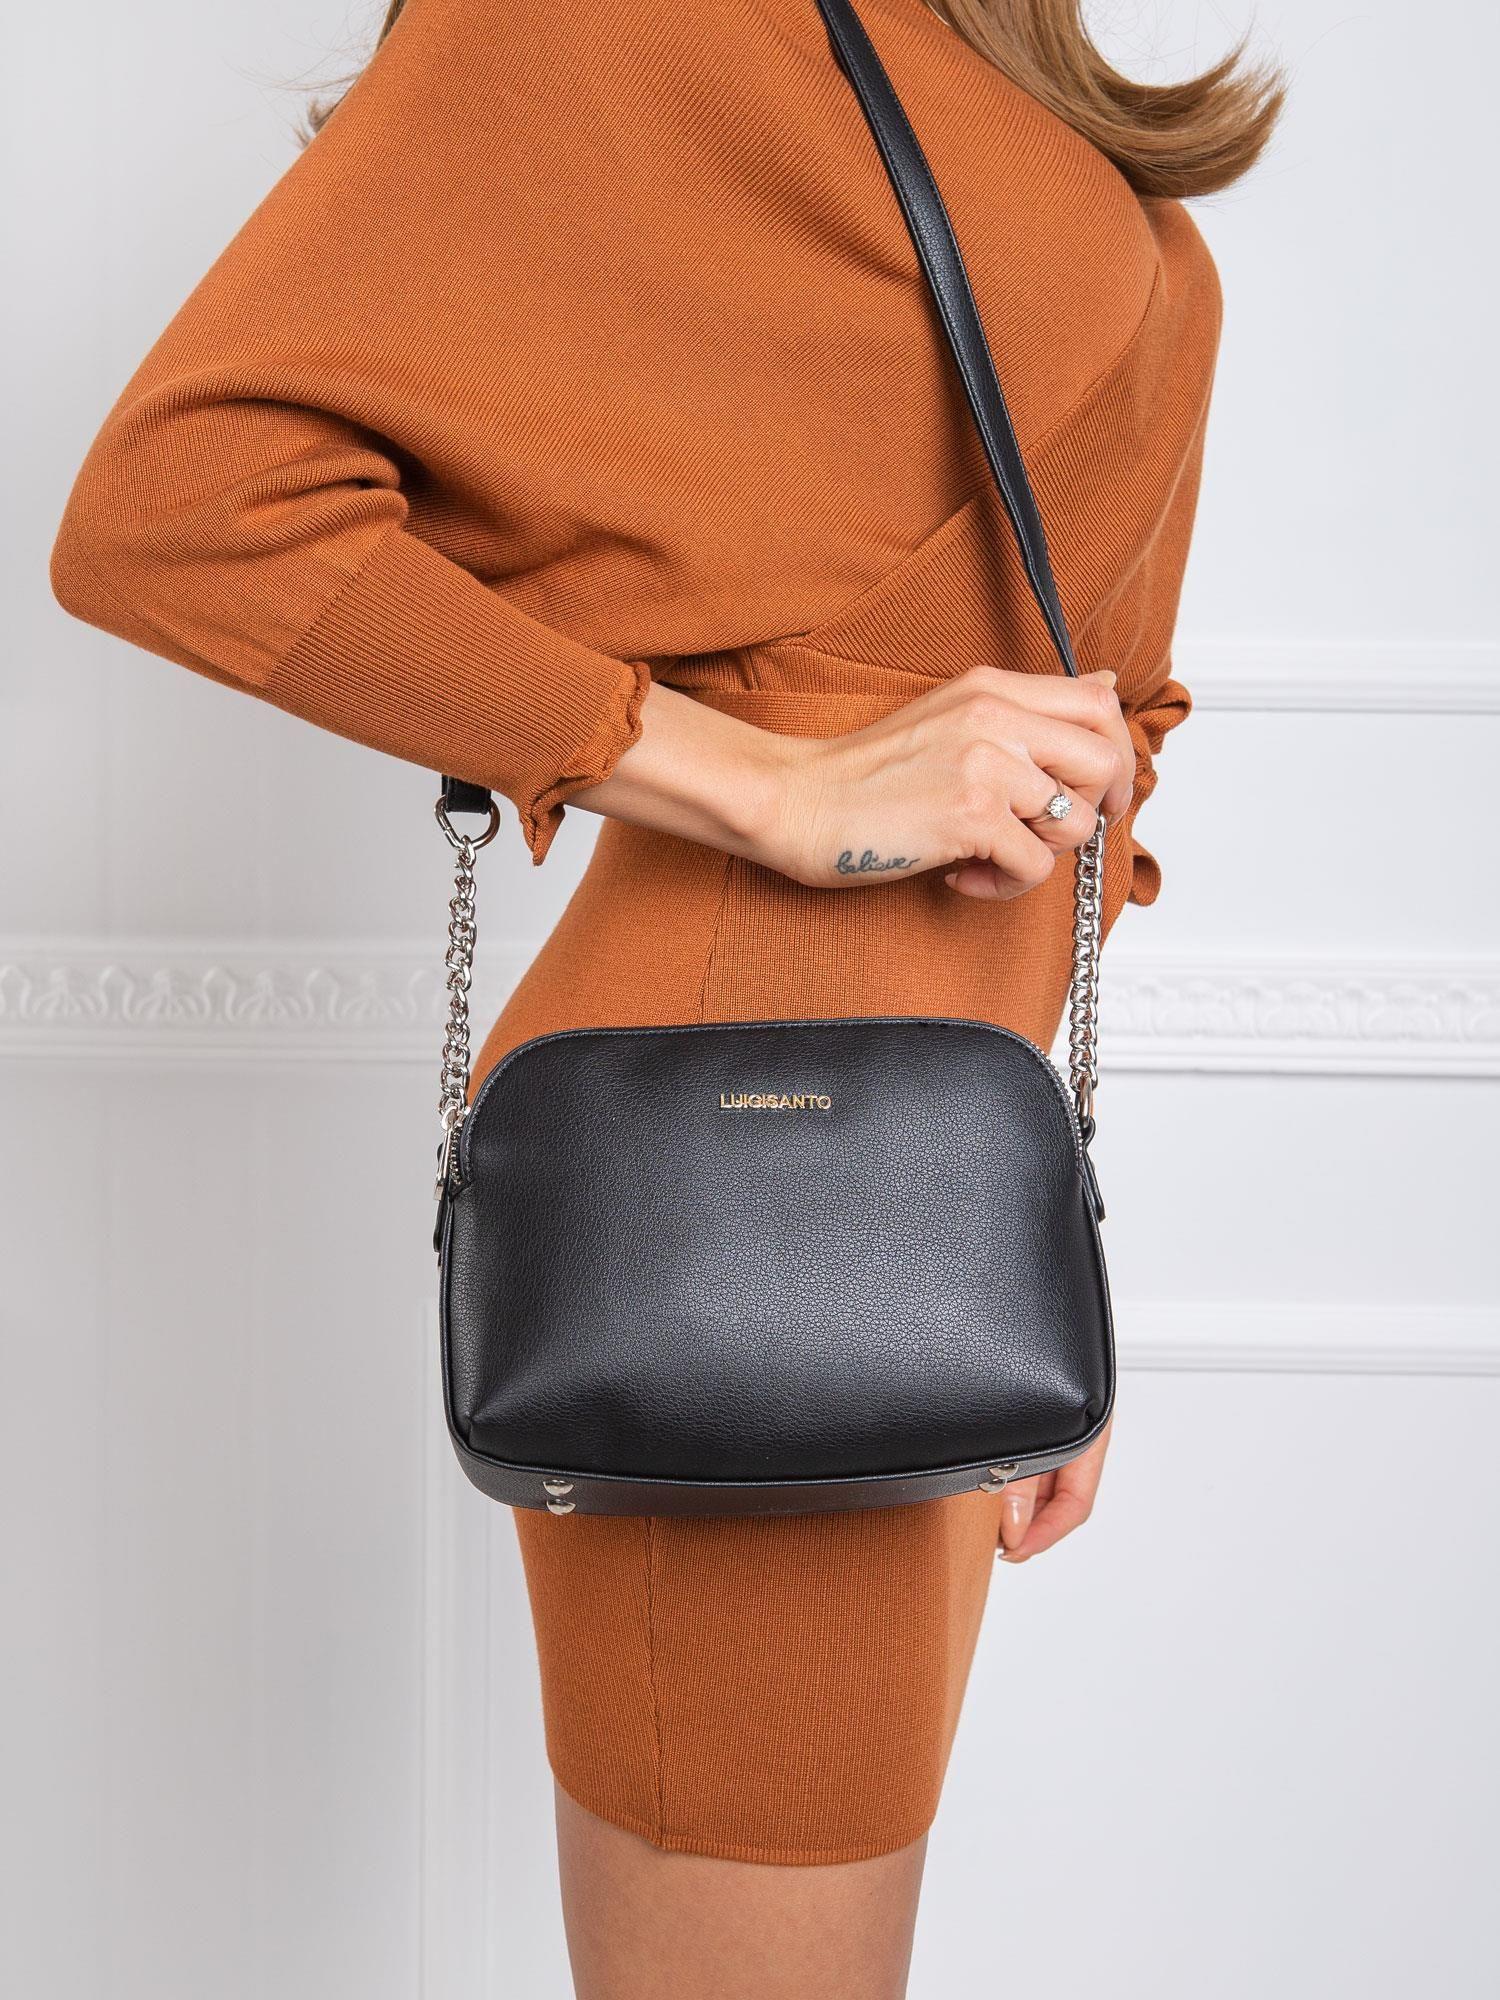 Malá čierna crossbody kabelka - UNI